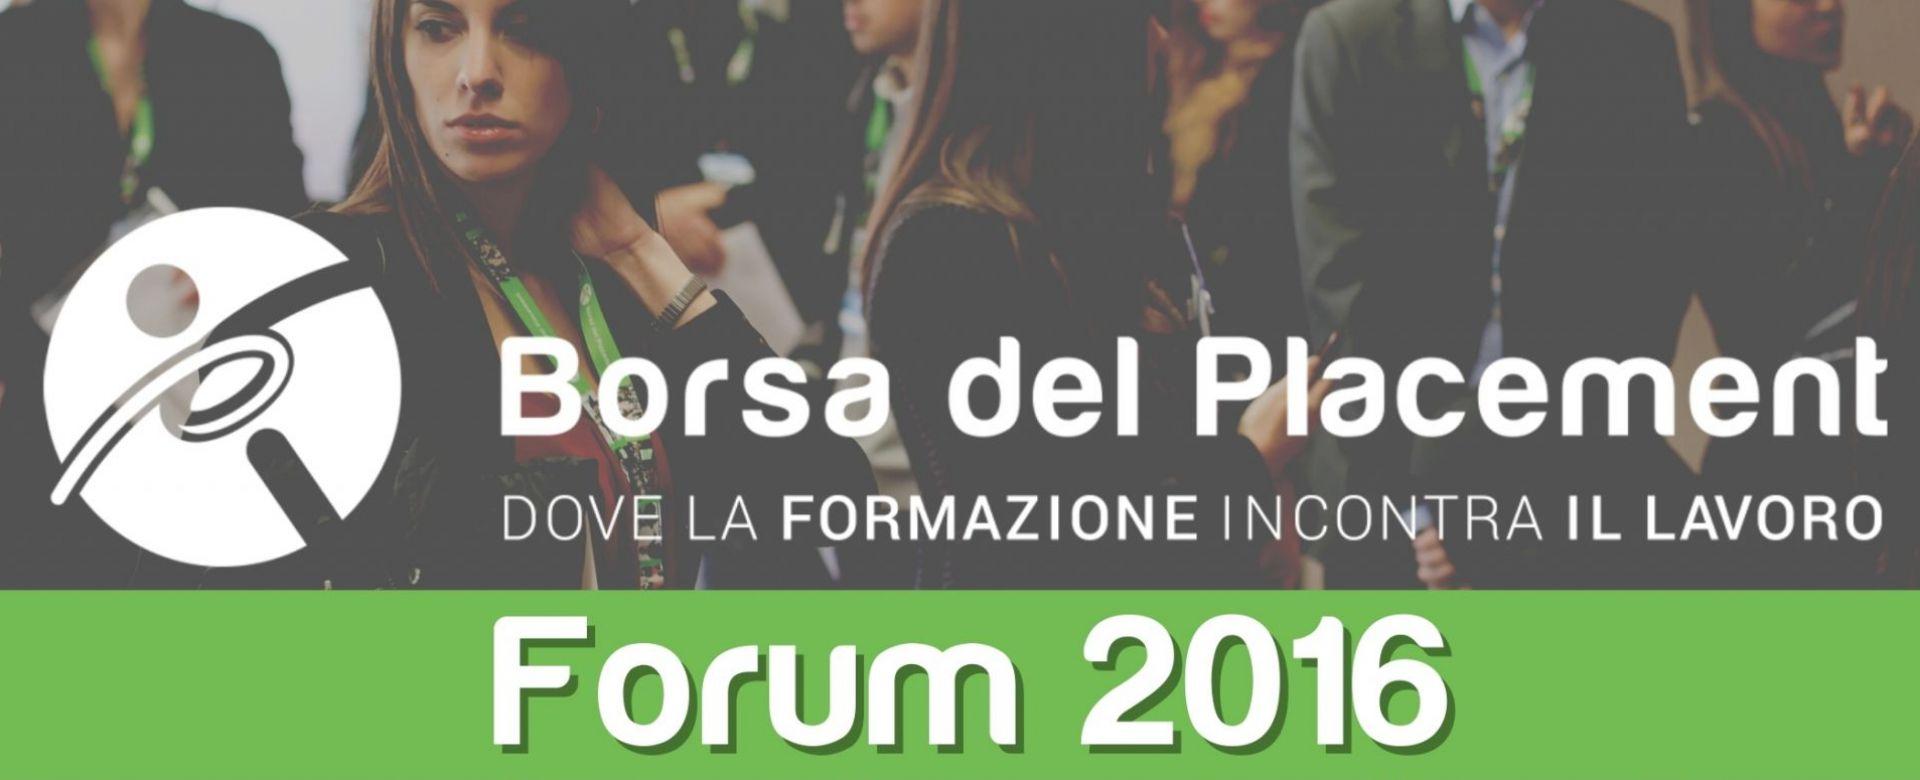 01.12.2016 - Borsa del Placement | X Forum